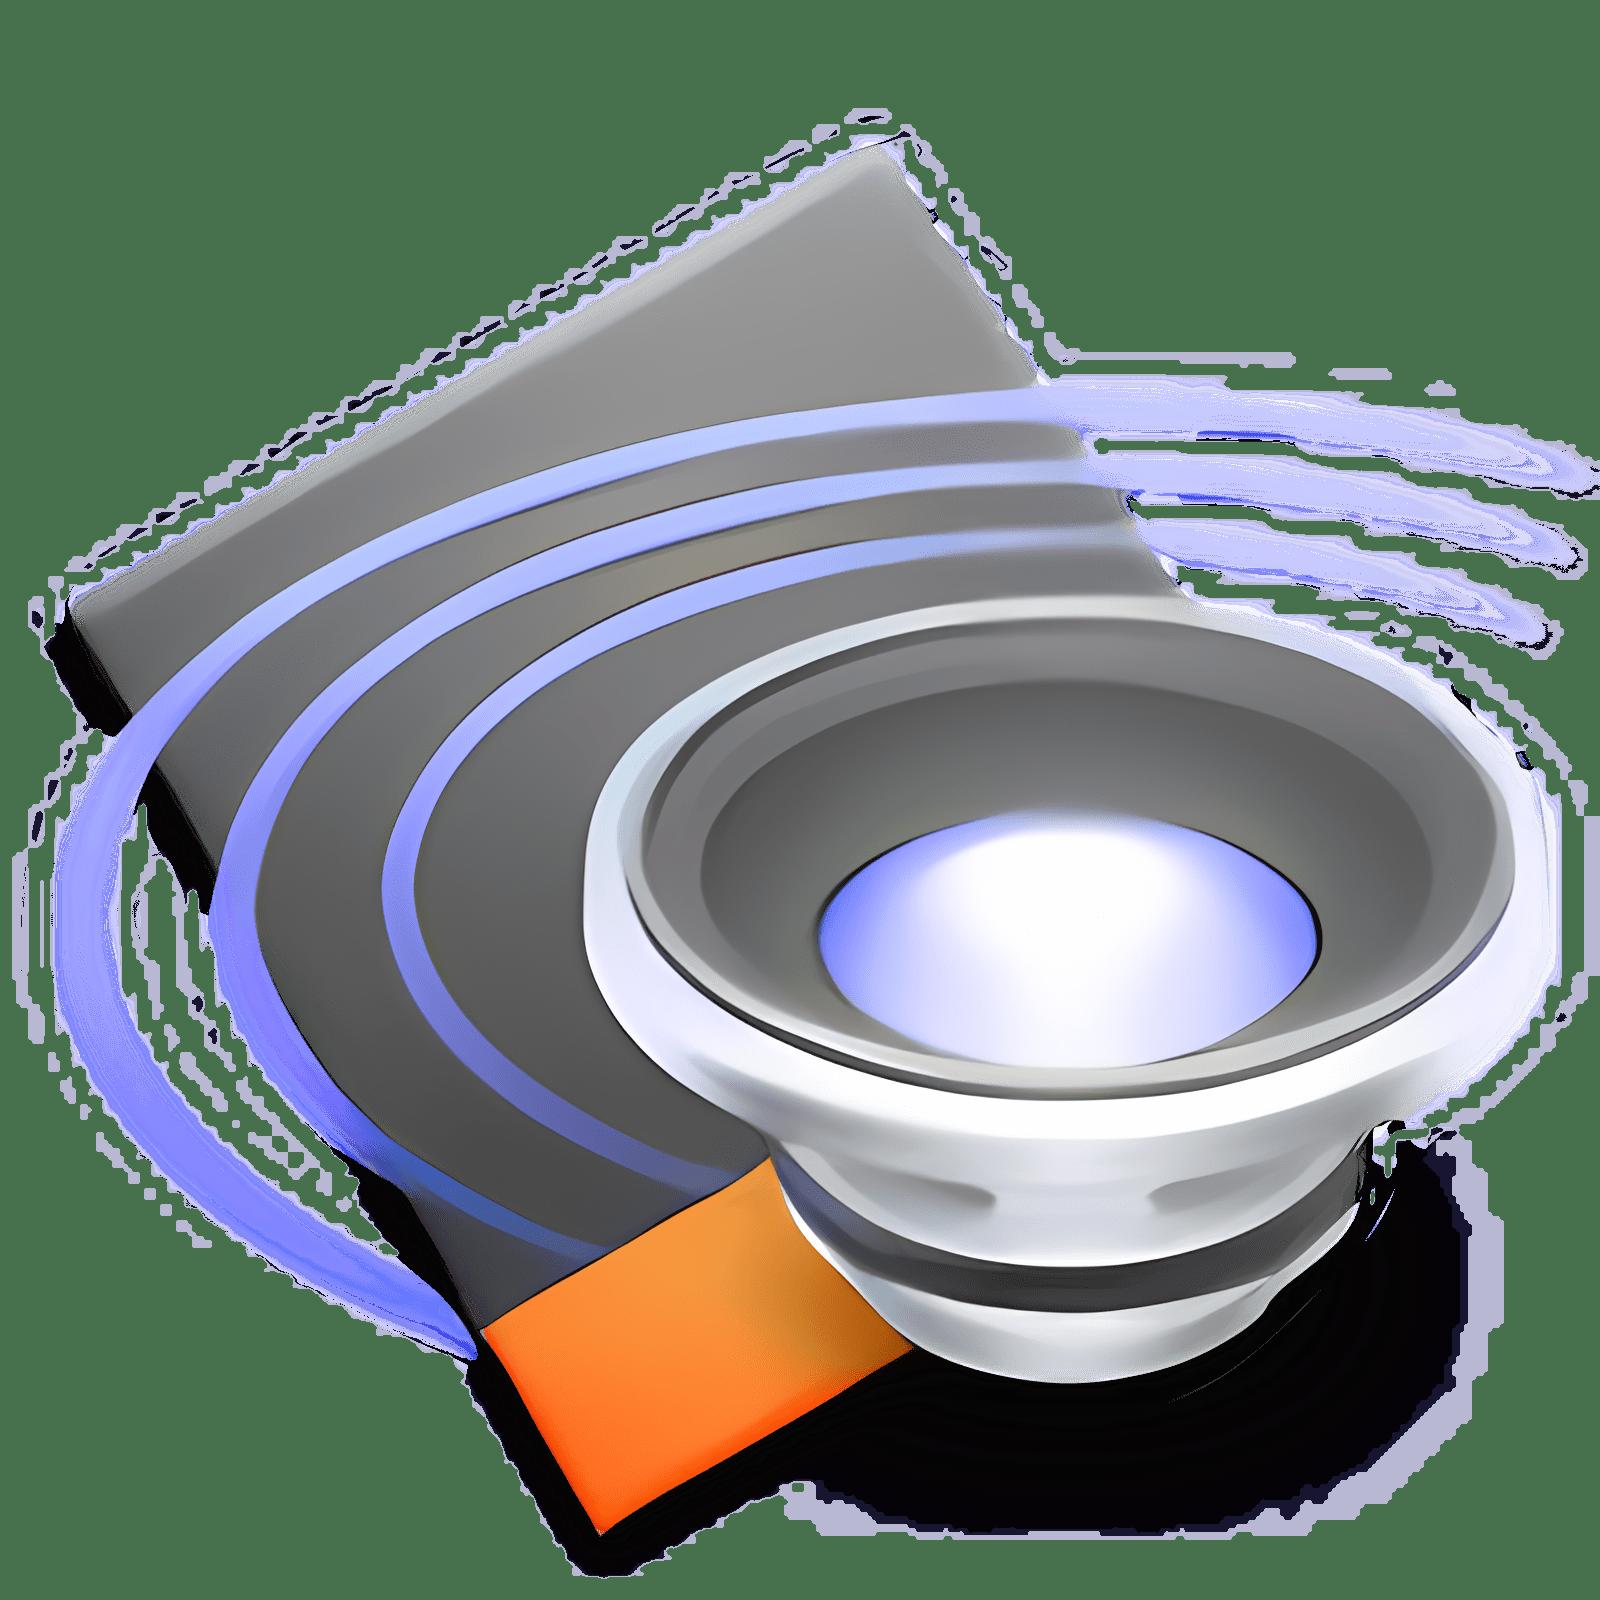 Audion 3.0.2